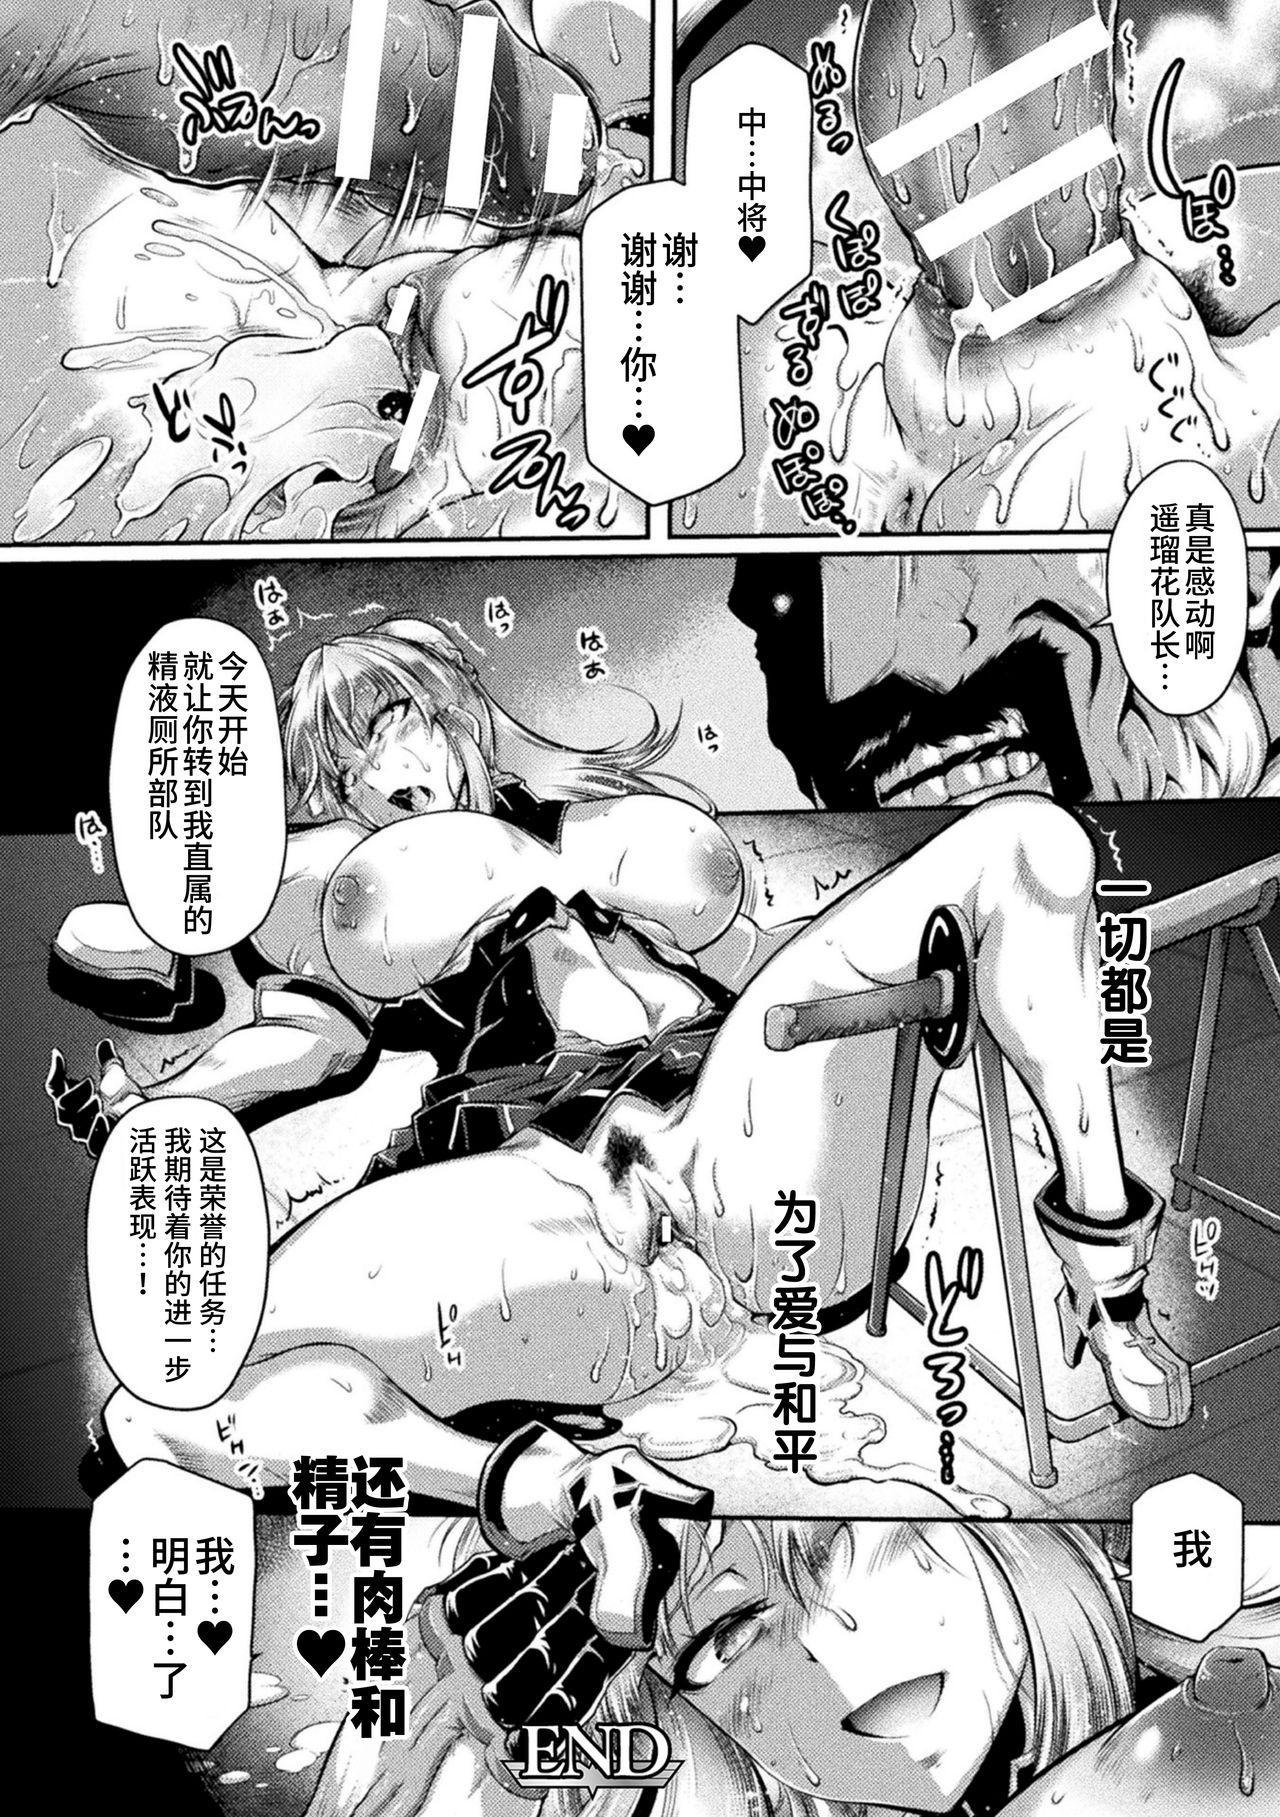 2D Comic Magazine Seigi no Heroine VS Tanetsuke Oji-san Vol. 2 84